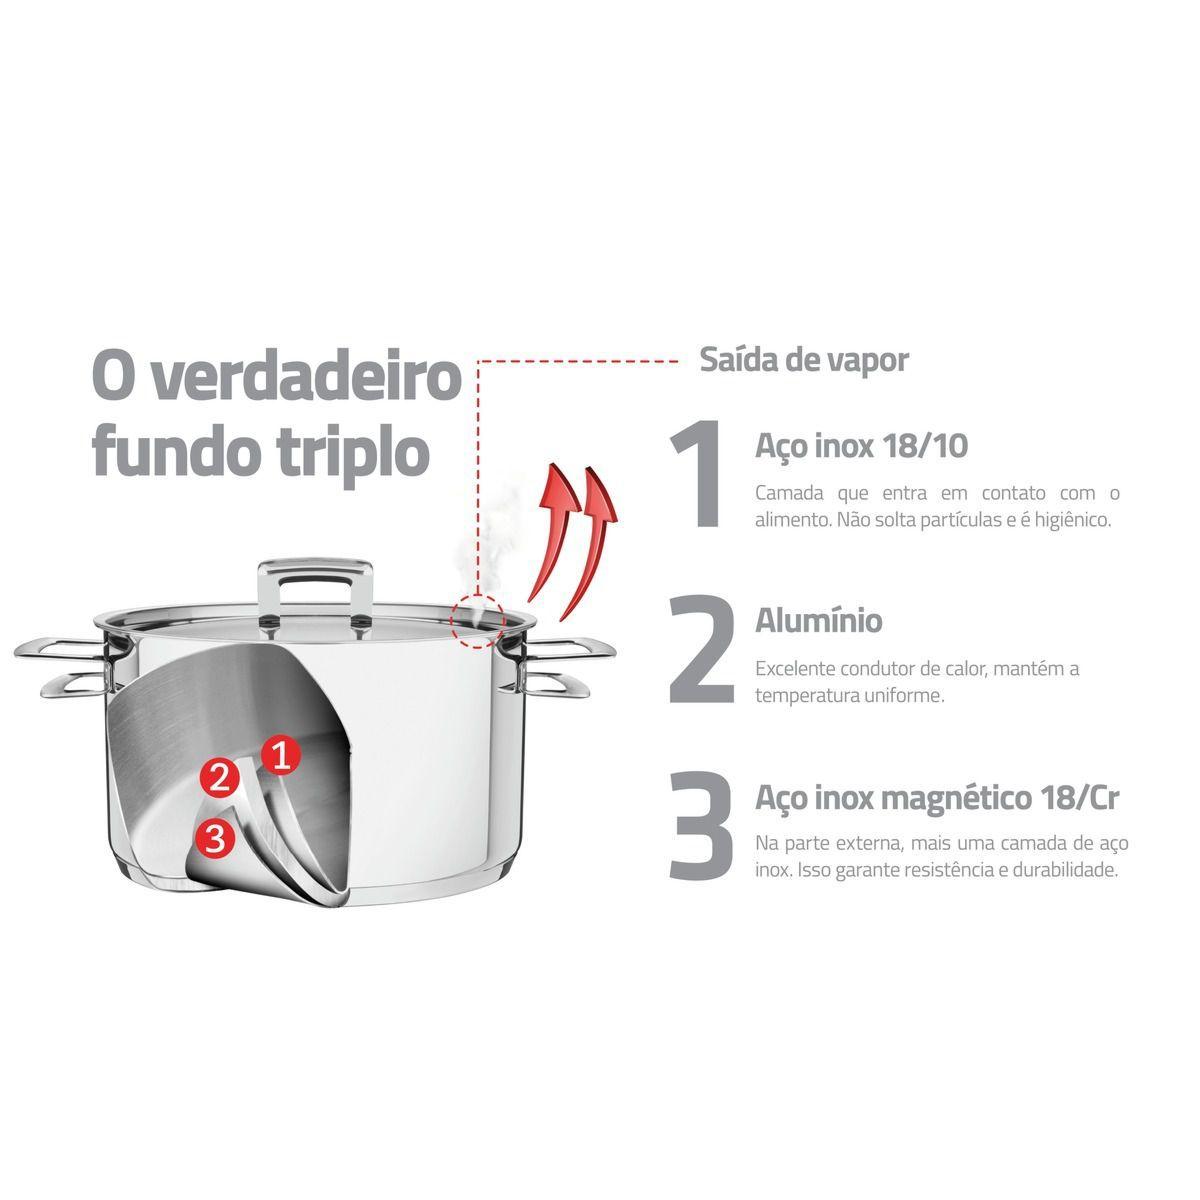 Jogo Cozi-Pasta 20cm 4,6L Aço Inox Brava 2 Peças 65400/410 Tramontina